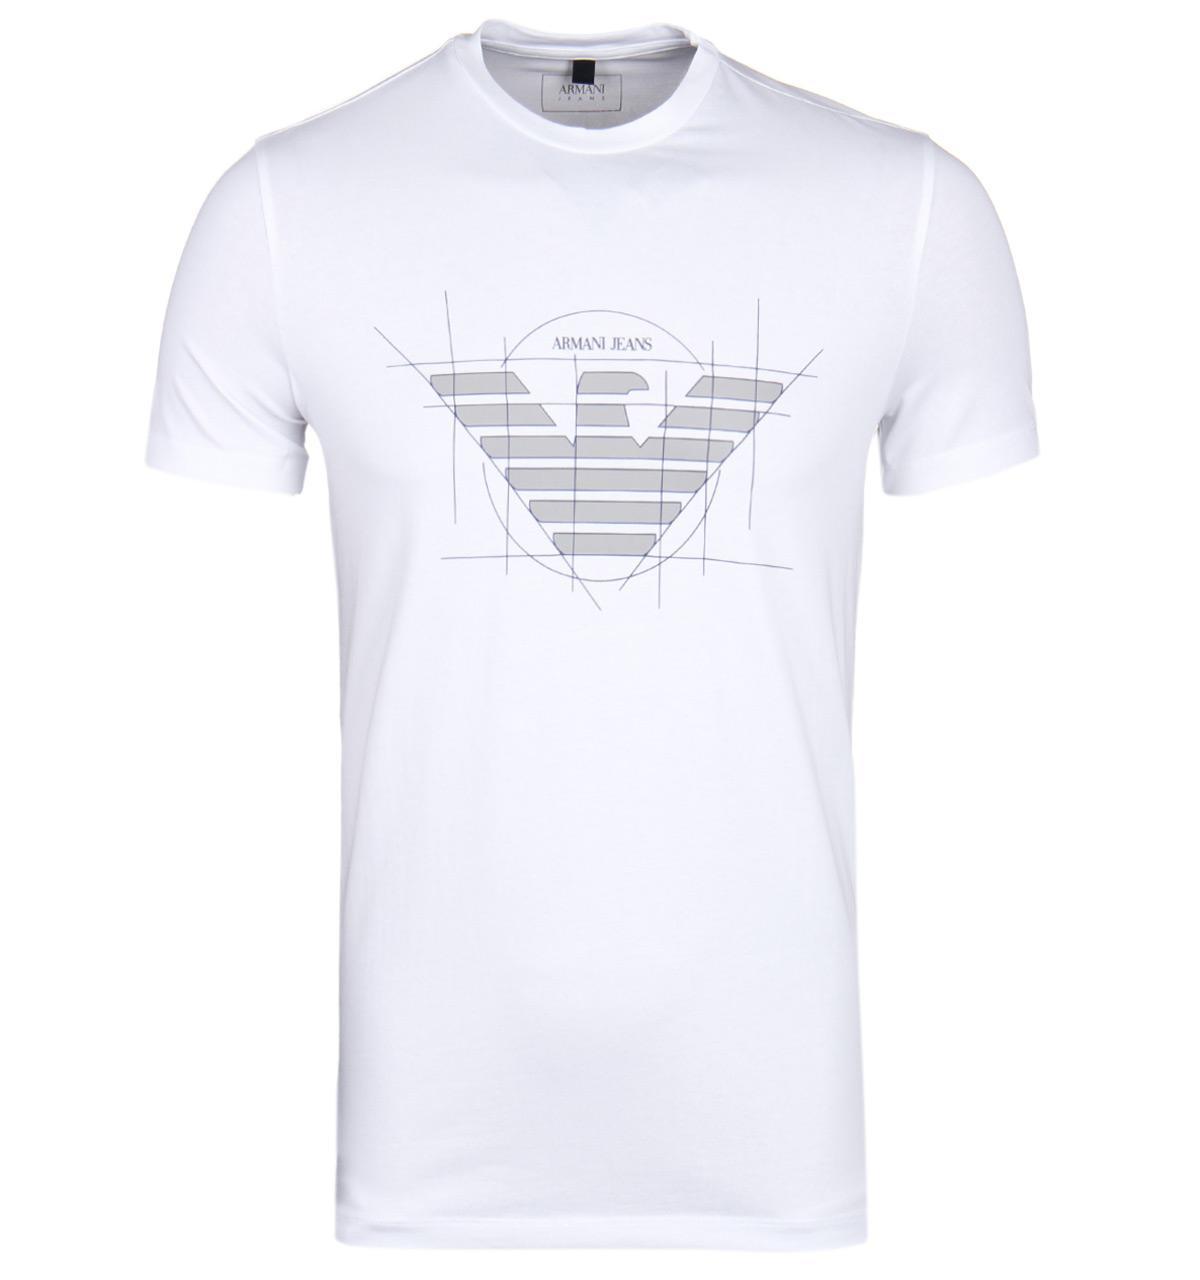 a90ecc12 Armani Jeans Crew Neck Aj Logo T Shirt White | Saddha